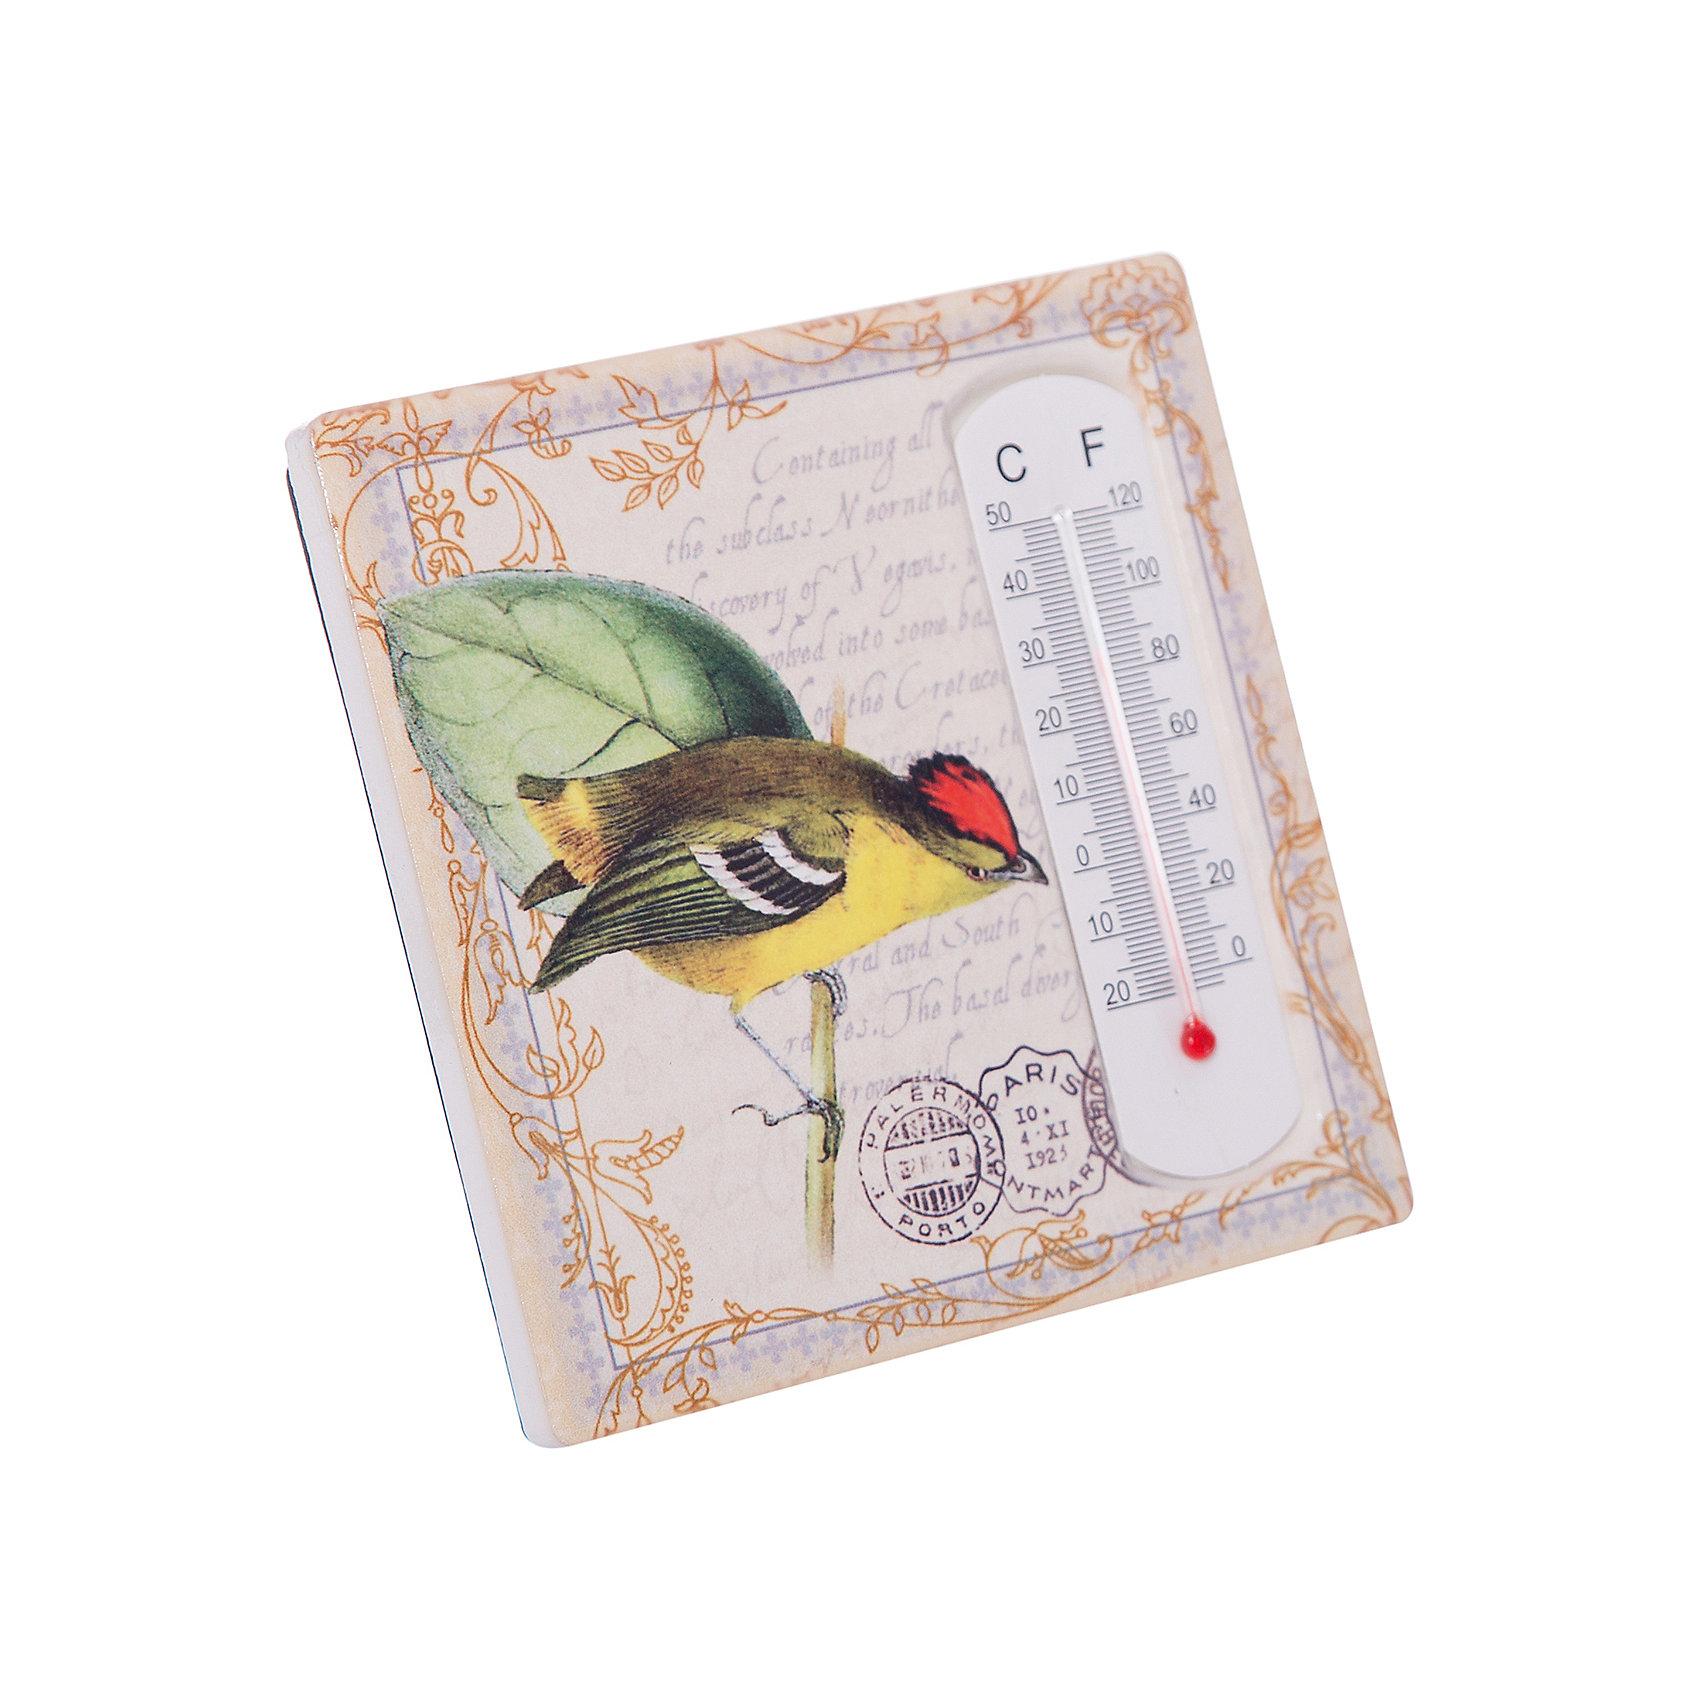 Термометр декоративный, в корпусе из доломитовой керамики, Феникс-ПрезентТермометры<br>Термометр декоративный, жидкостный, бытовой в корпусе из доломитовой керамики, Феникс-Презент<br><br>Характеристики:<br><br>• красивое оформление<br>• есть отверстие для подвешивания<br>• размер: 10х10 см<br>• материал корпуса: доломитовая керамика<br><br>Декоративный термометр не только подскажет вам температуру в доме, но и украсит интерьер комнаты. Корпус выполнен из доломитовой керамики. Наружная часть термометра оформлена красивым узором и изображением птички. Есть специальное отверстие для подвешивания. Размер термометра - 10х10 сантиметров.<br><br>Термометр декоративный, жидкостный, бытовой в корпусе из доломитовой керамики, Феникс-Презент можно купить в нашем интернет-магазине.<br><br>Ширина мм: 100<br>Глубина мм: 100<br>Высота мм: 10<br>Вес г: 128<br>Возраст от месяцев: 168<br>Возраст до месяцев: 2147483647<br>Пол: Унисекс<br>Возраст: Детский<br>SKU: 5449752